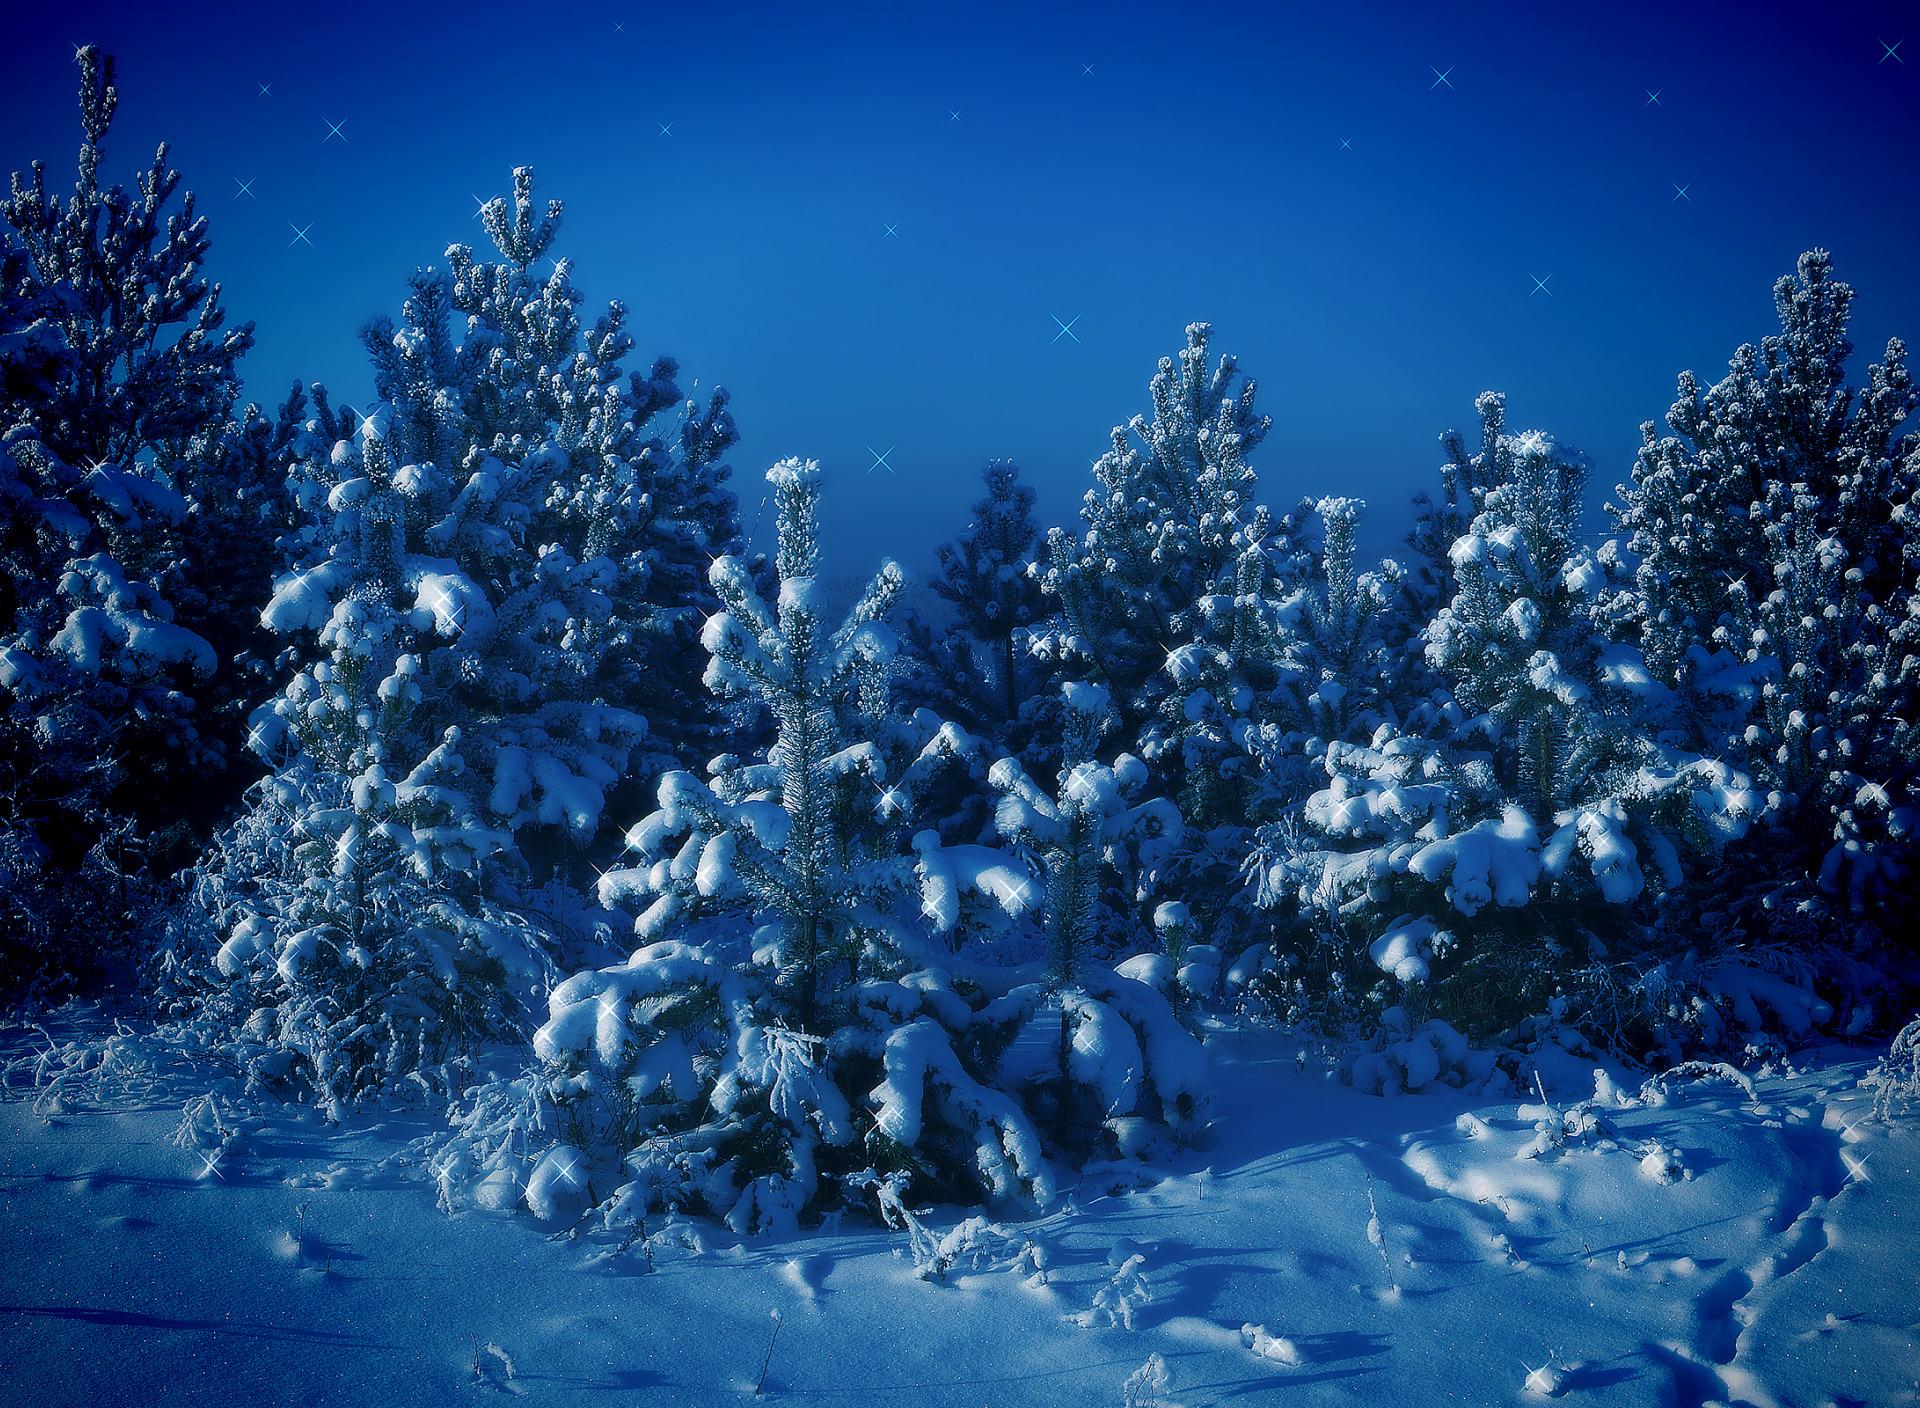 картинки ночь лес новый год те, кто после